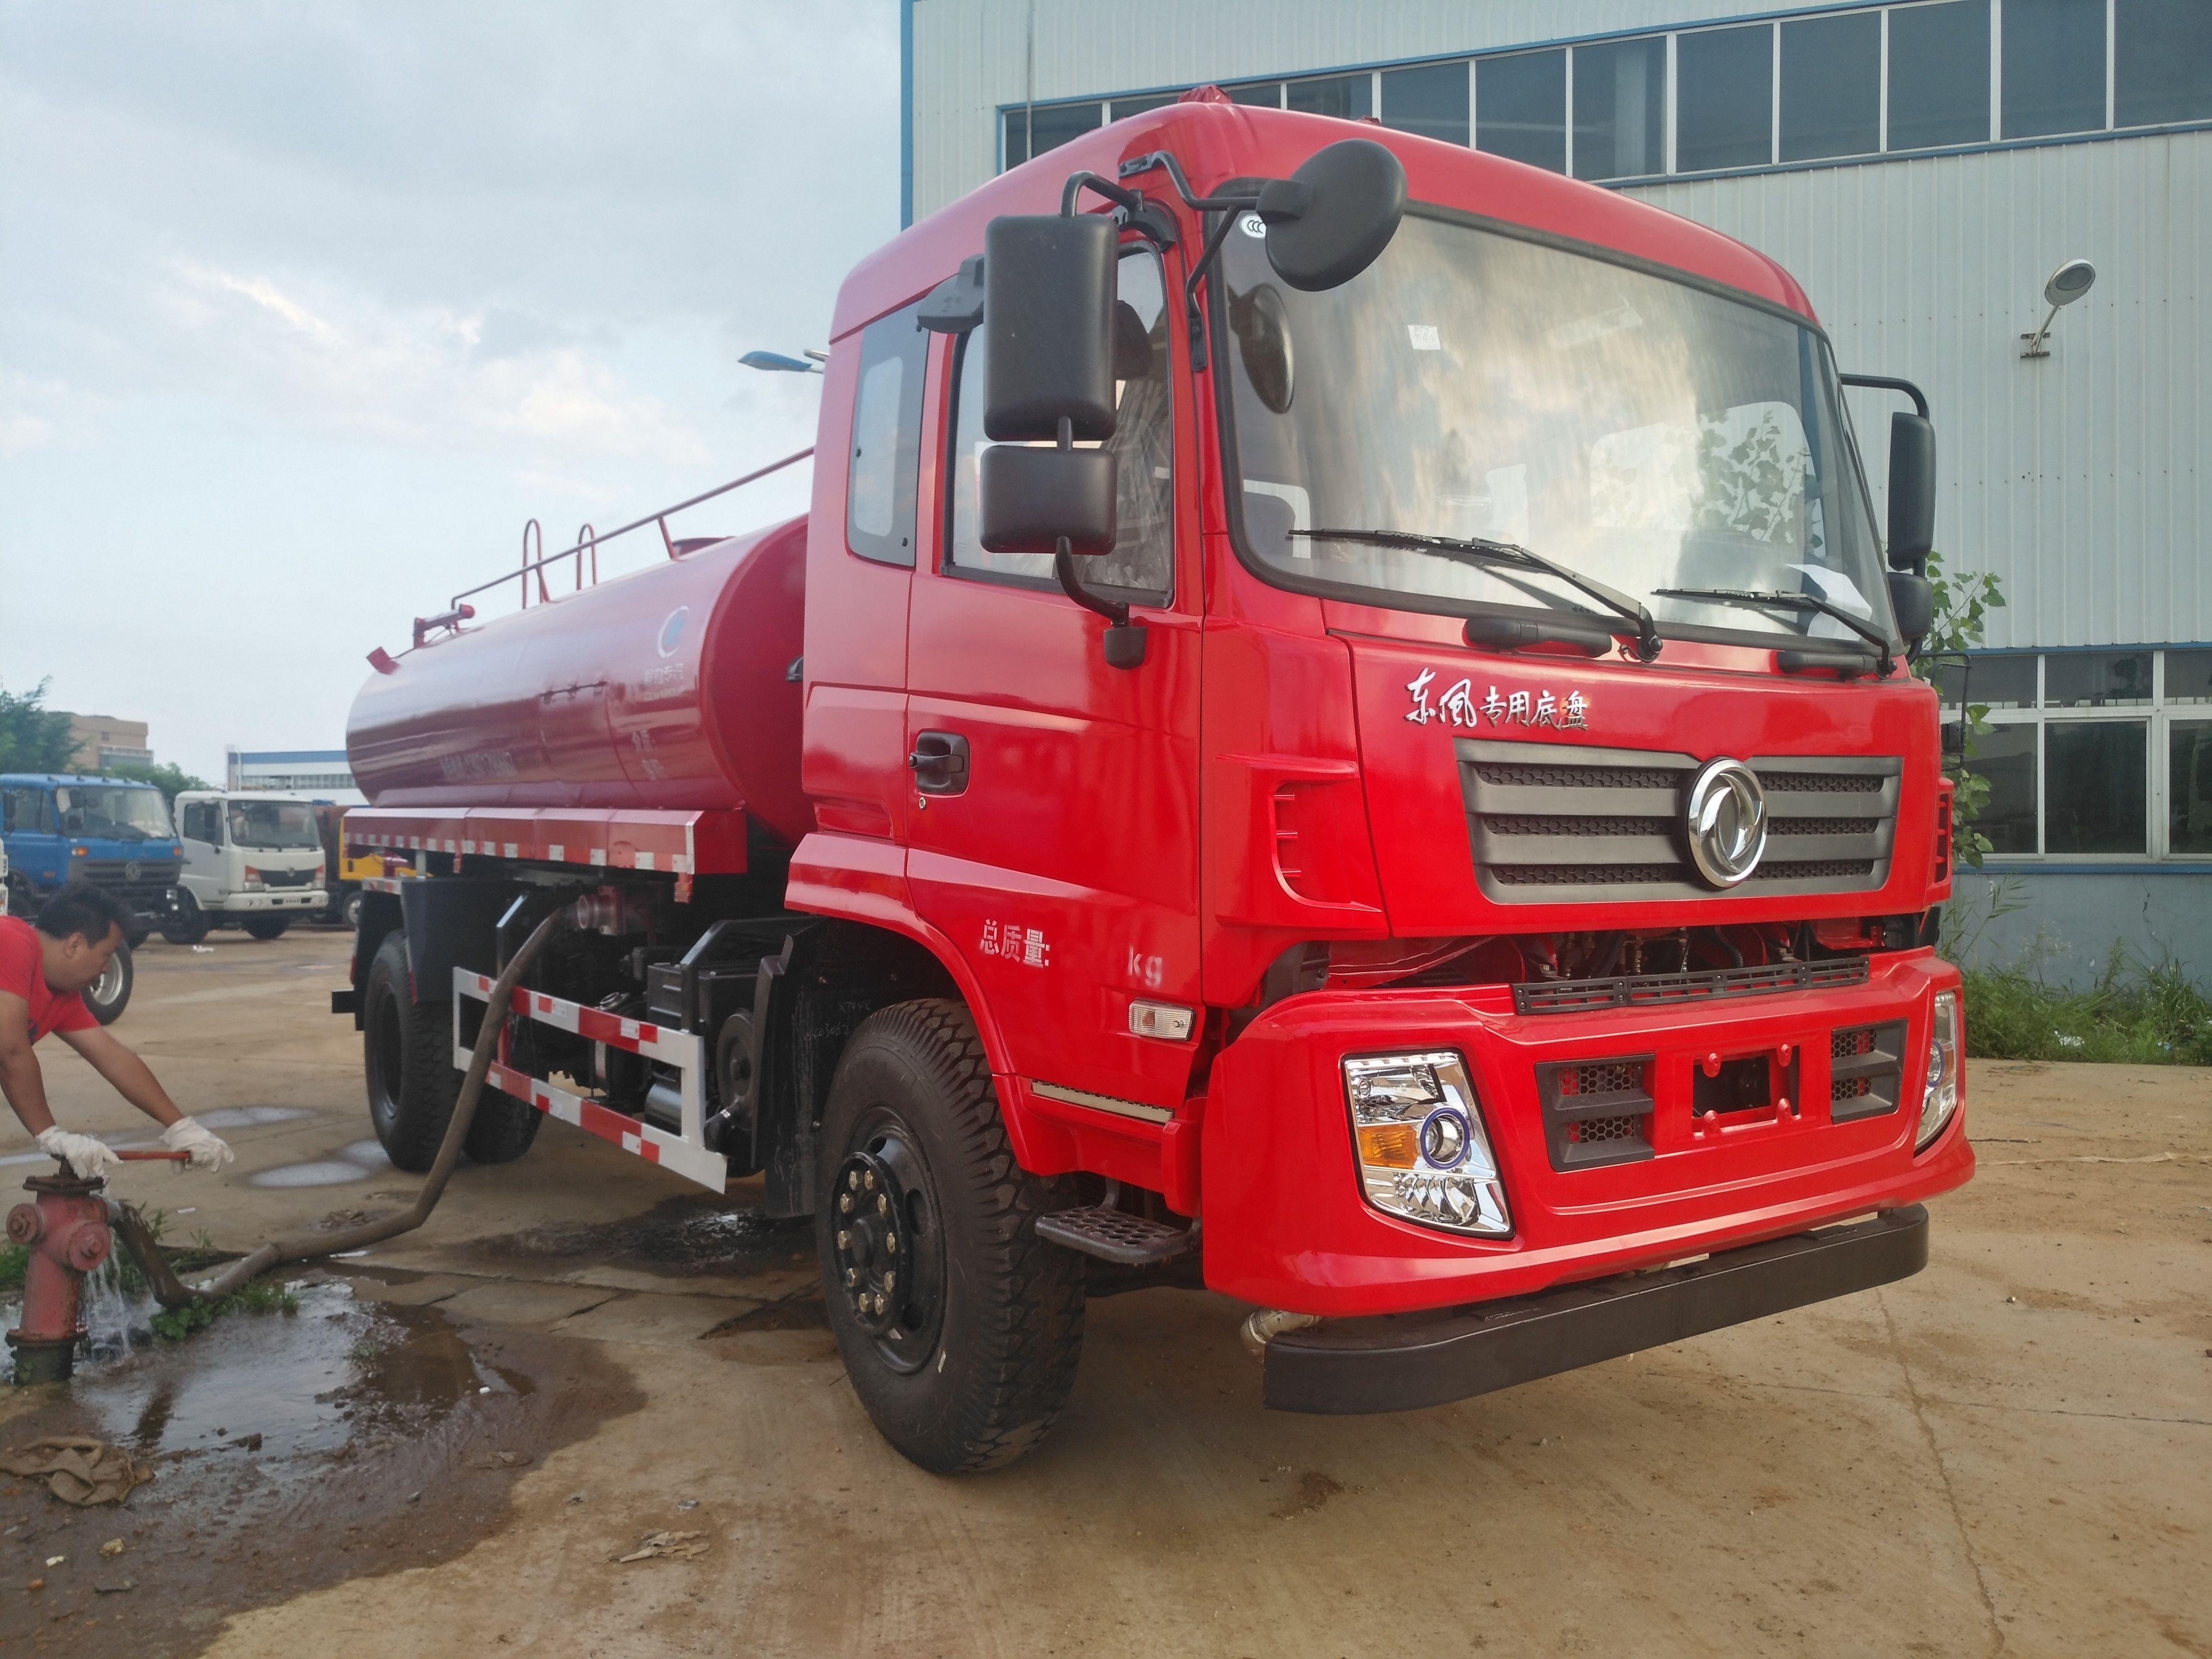 东风专底12吨消防洒水车 康机190马力